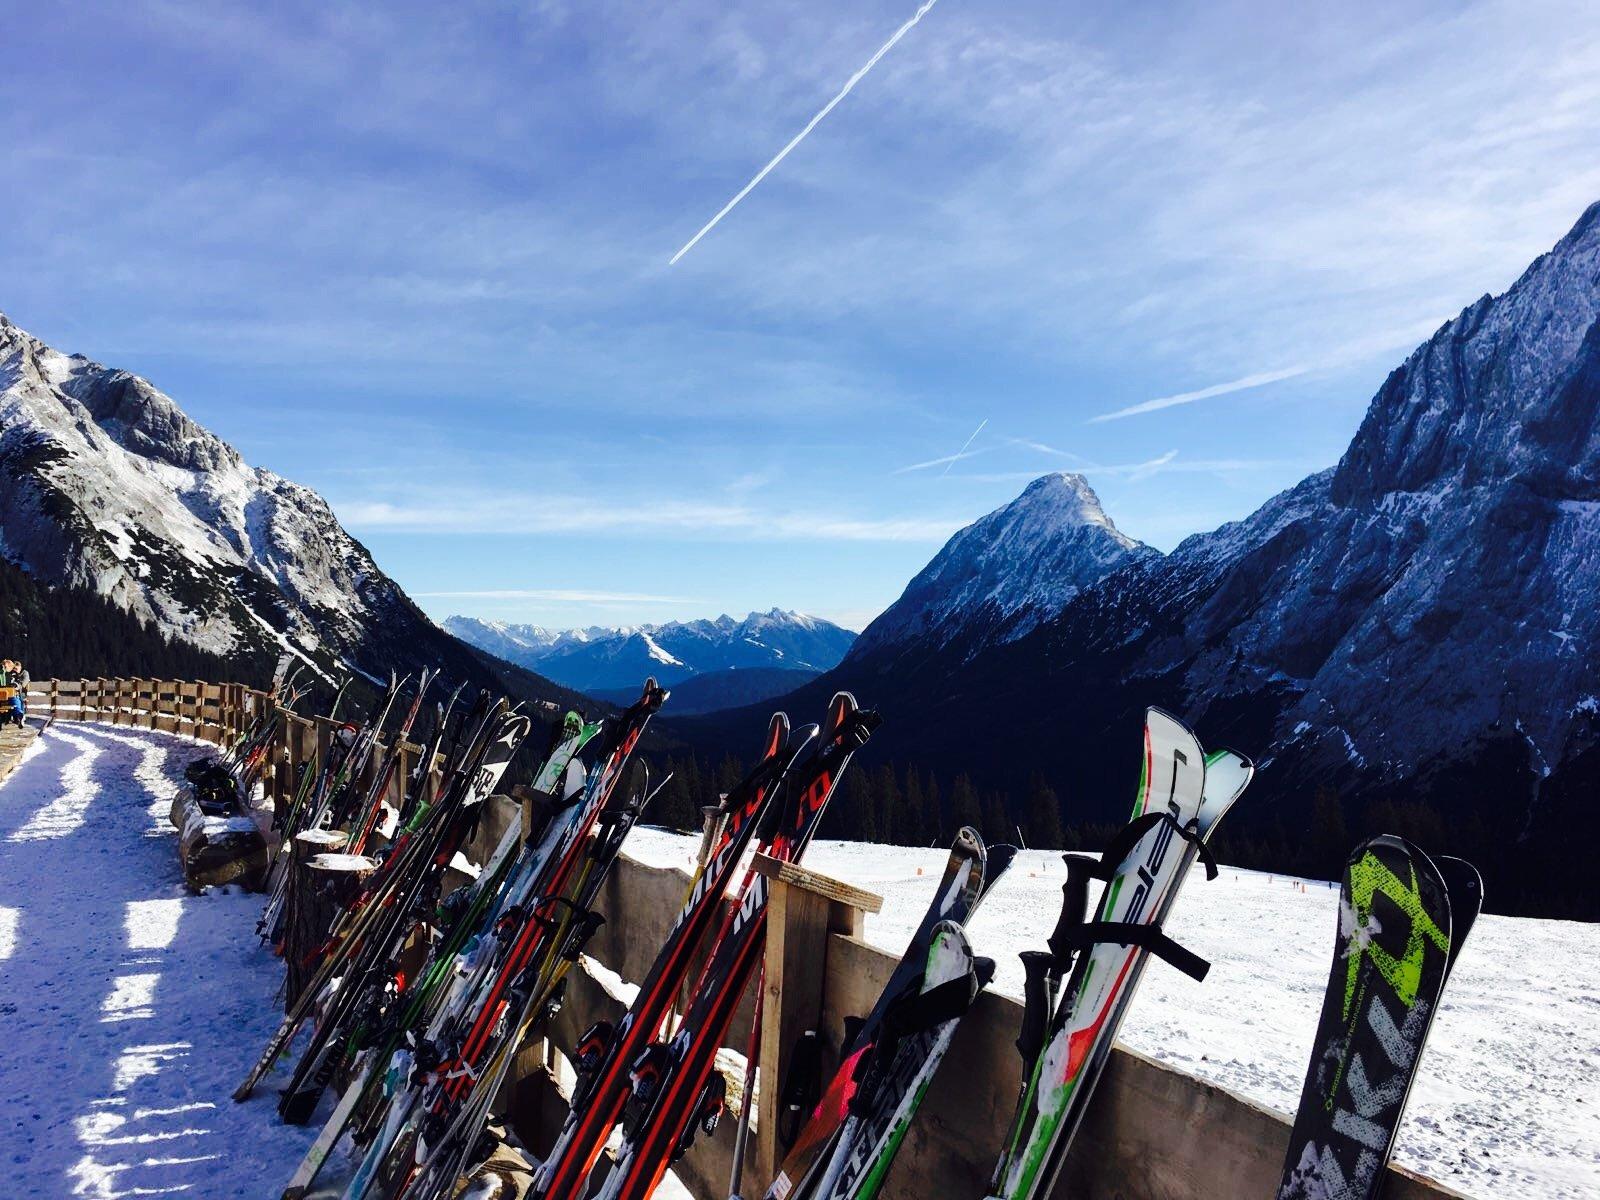 diefstal ski's voorkomen